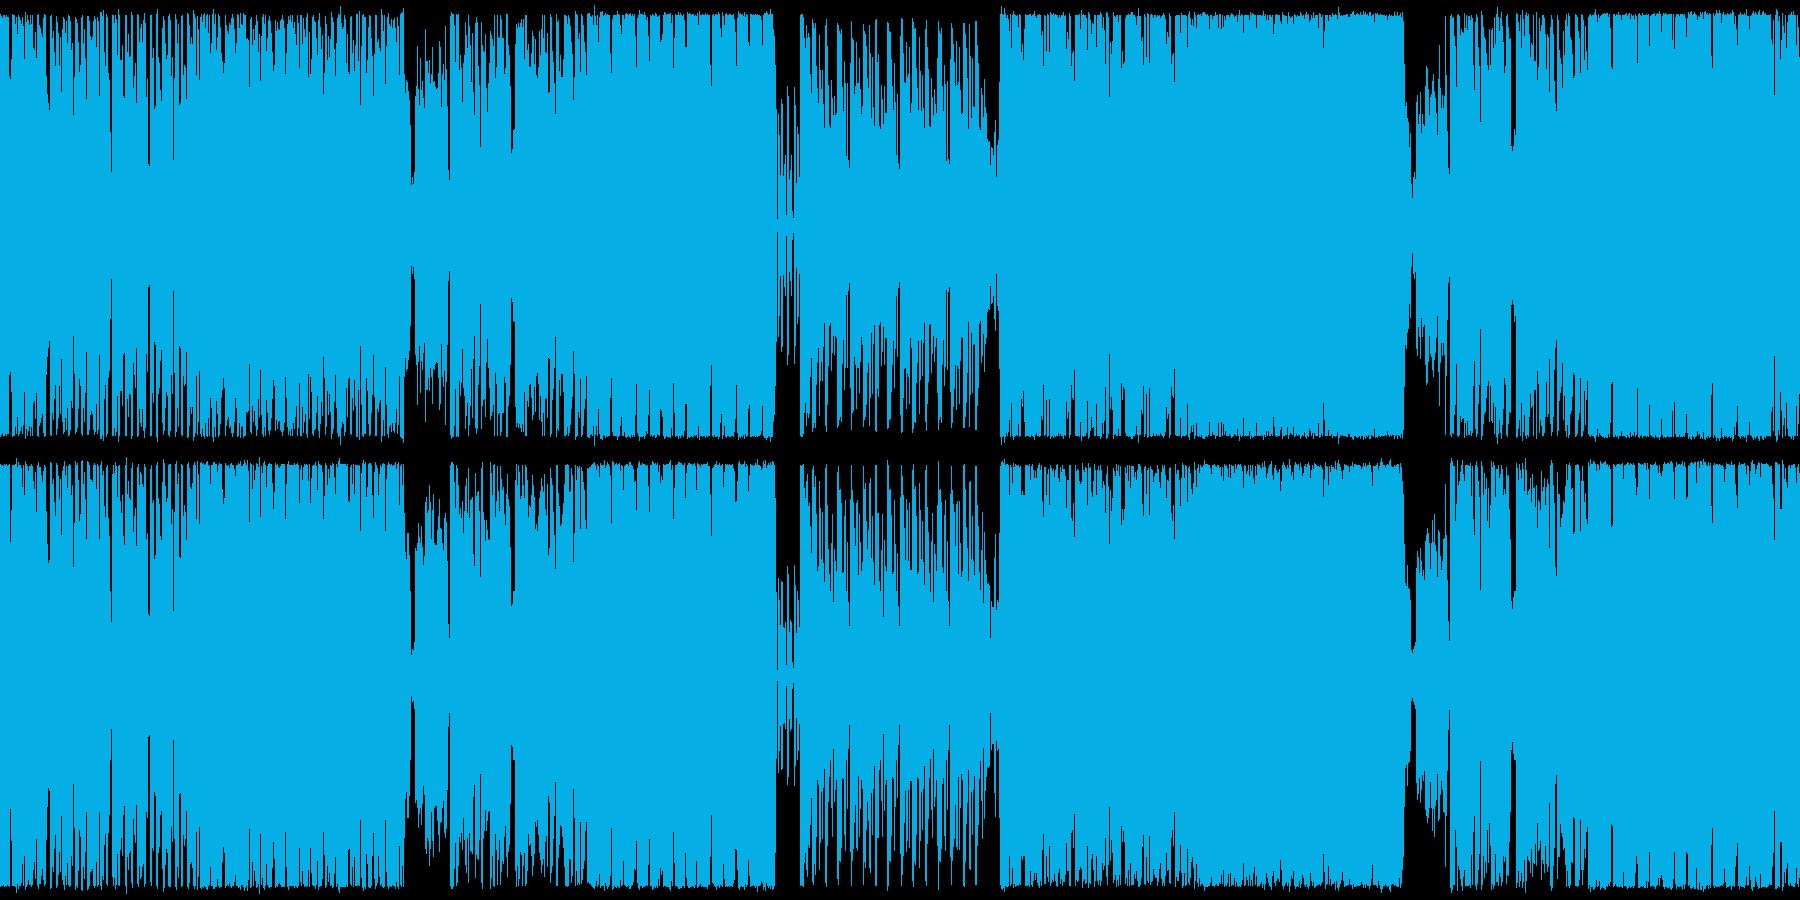 【ループ仕様】ファニー、疾走感なバトル曲の再生済みの波形